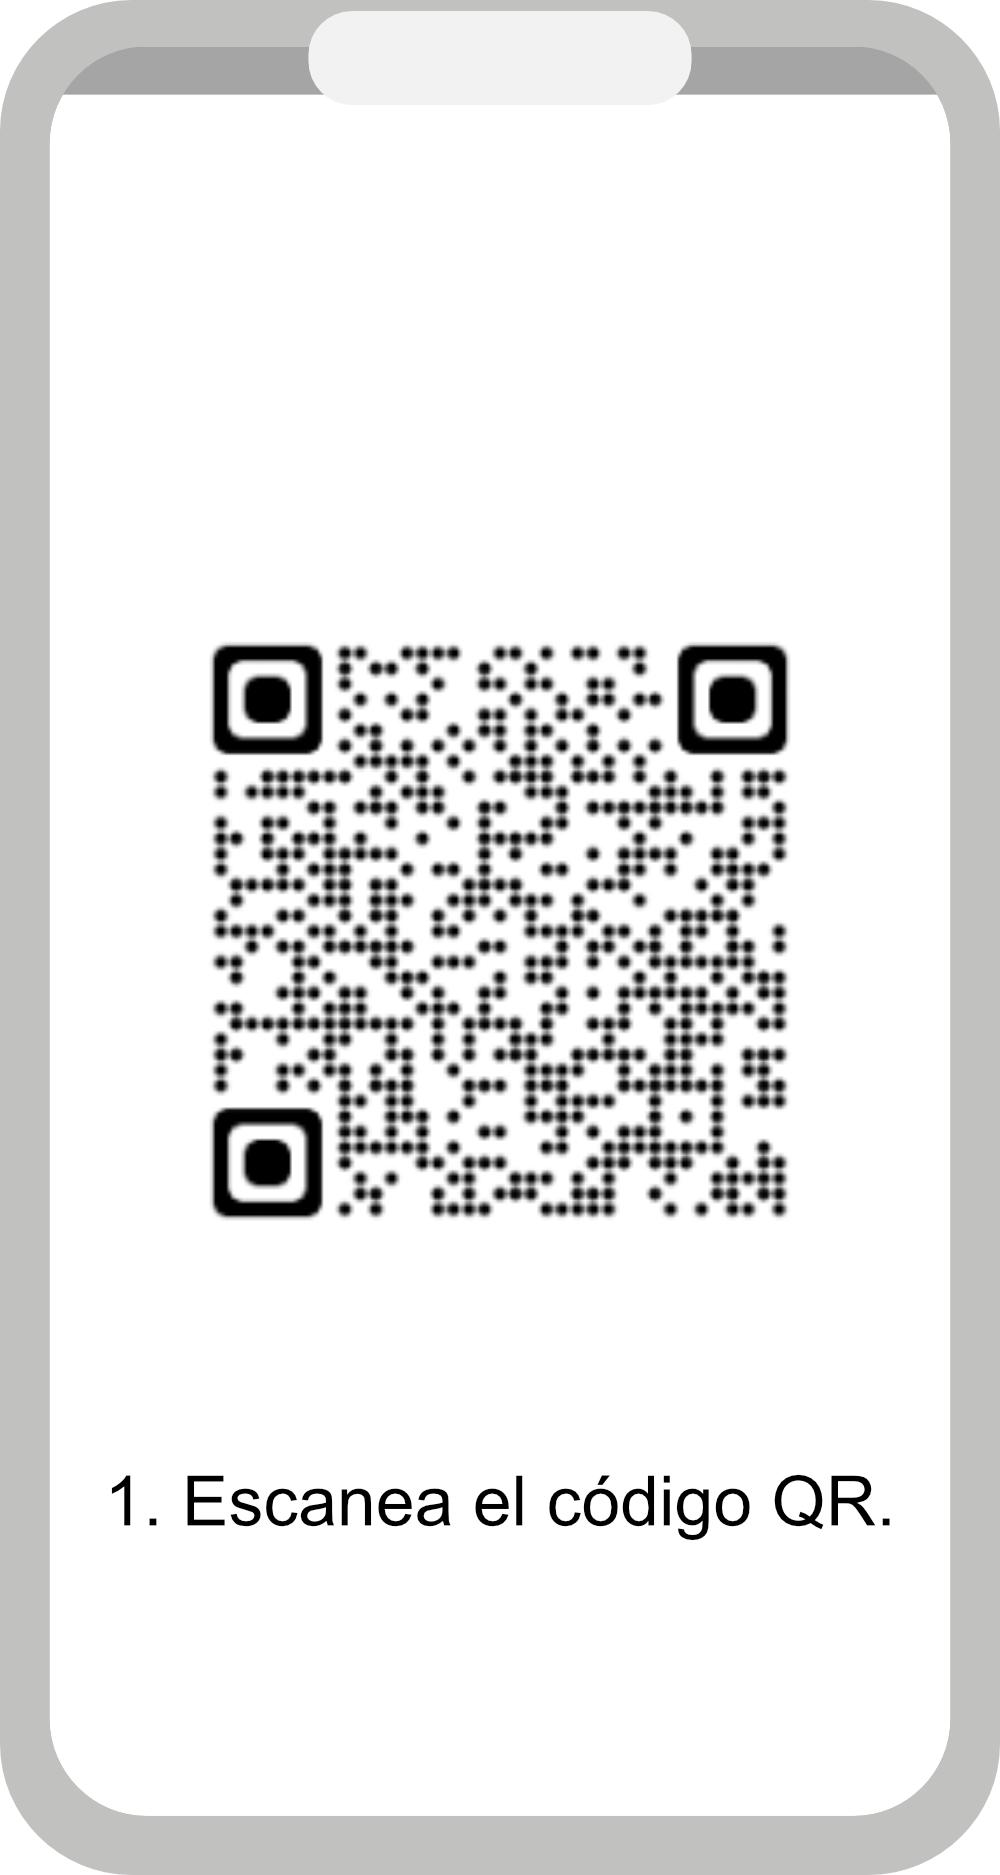 1. Escanee el código QR